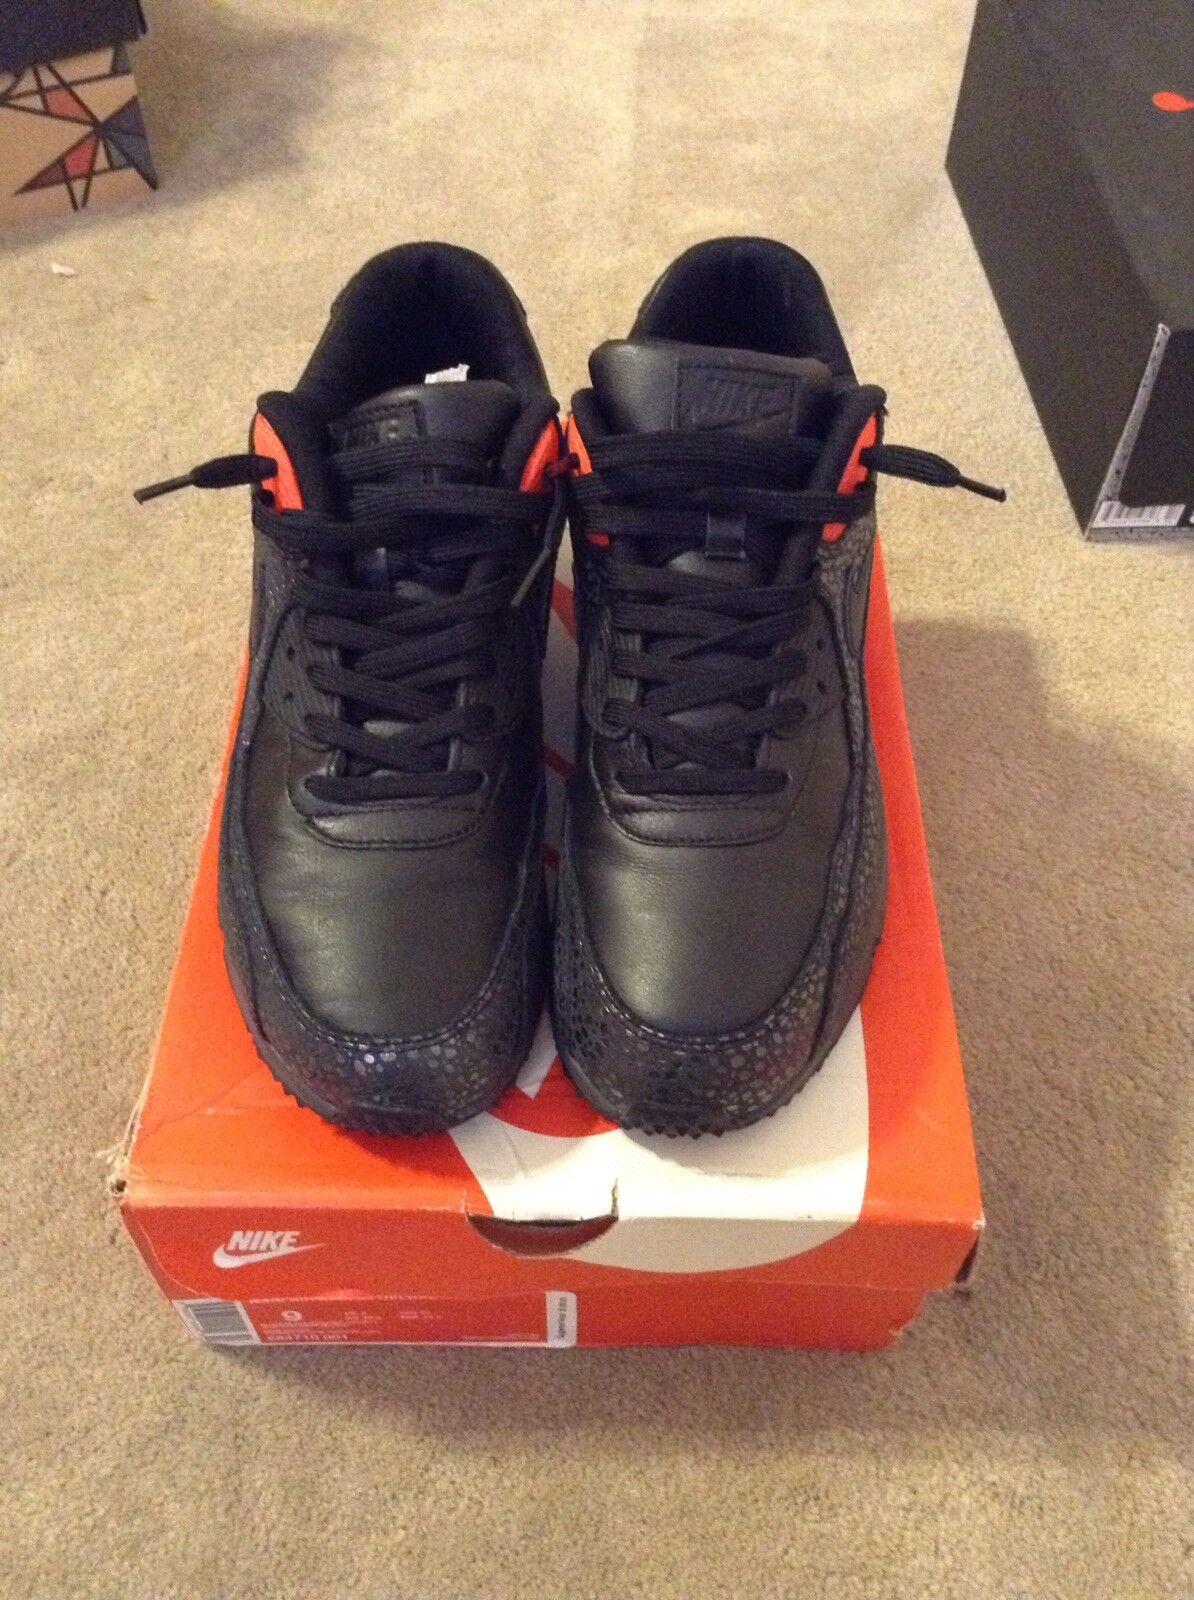 Los hombres de Nike Air Max SZ 90 Deluxe running zapatillas SZ Max 9 Reducción de precios 684710-001 c2d11d